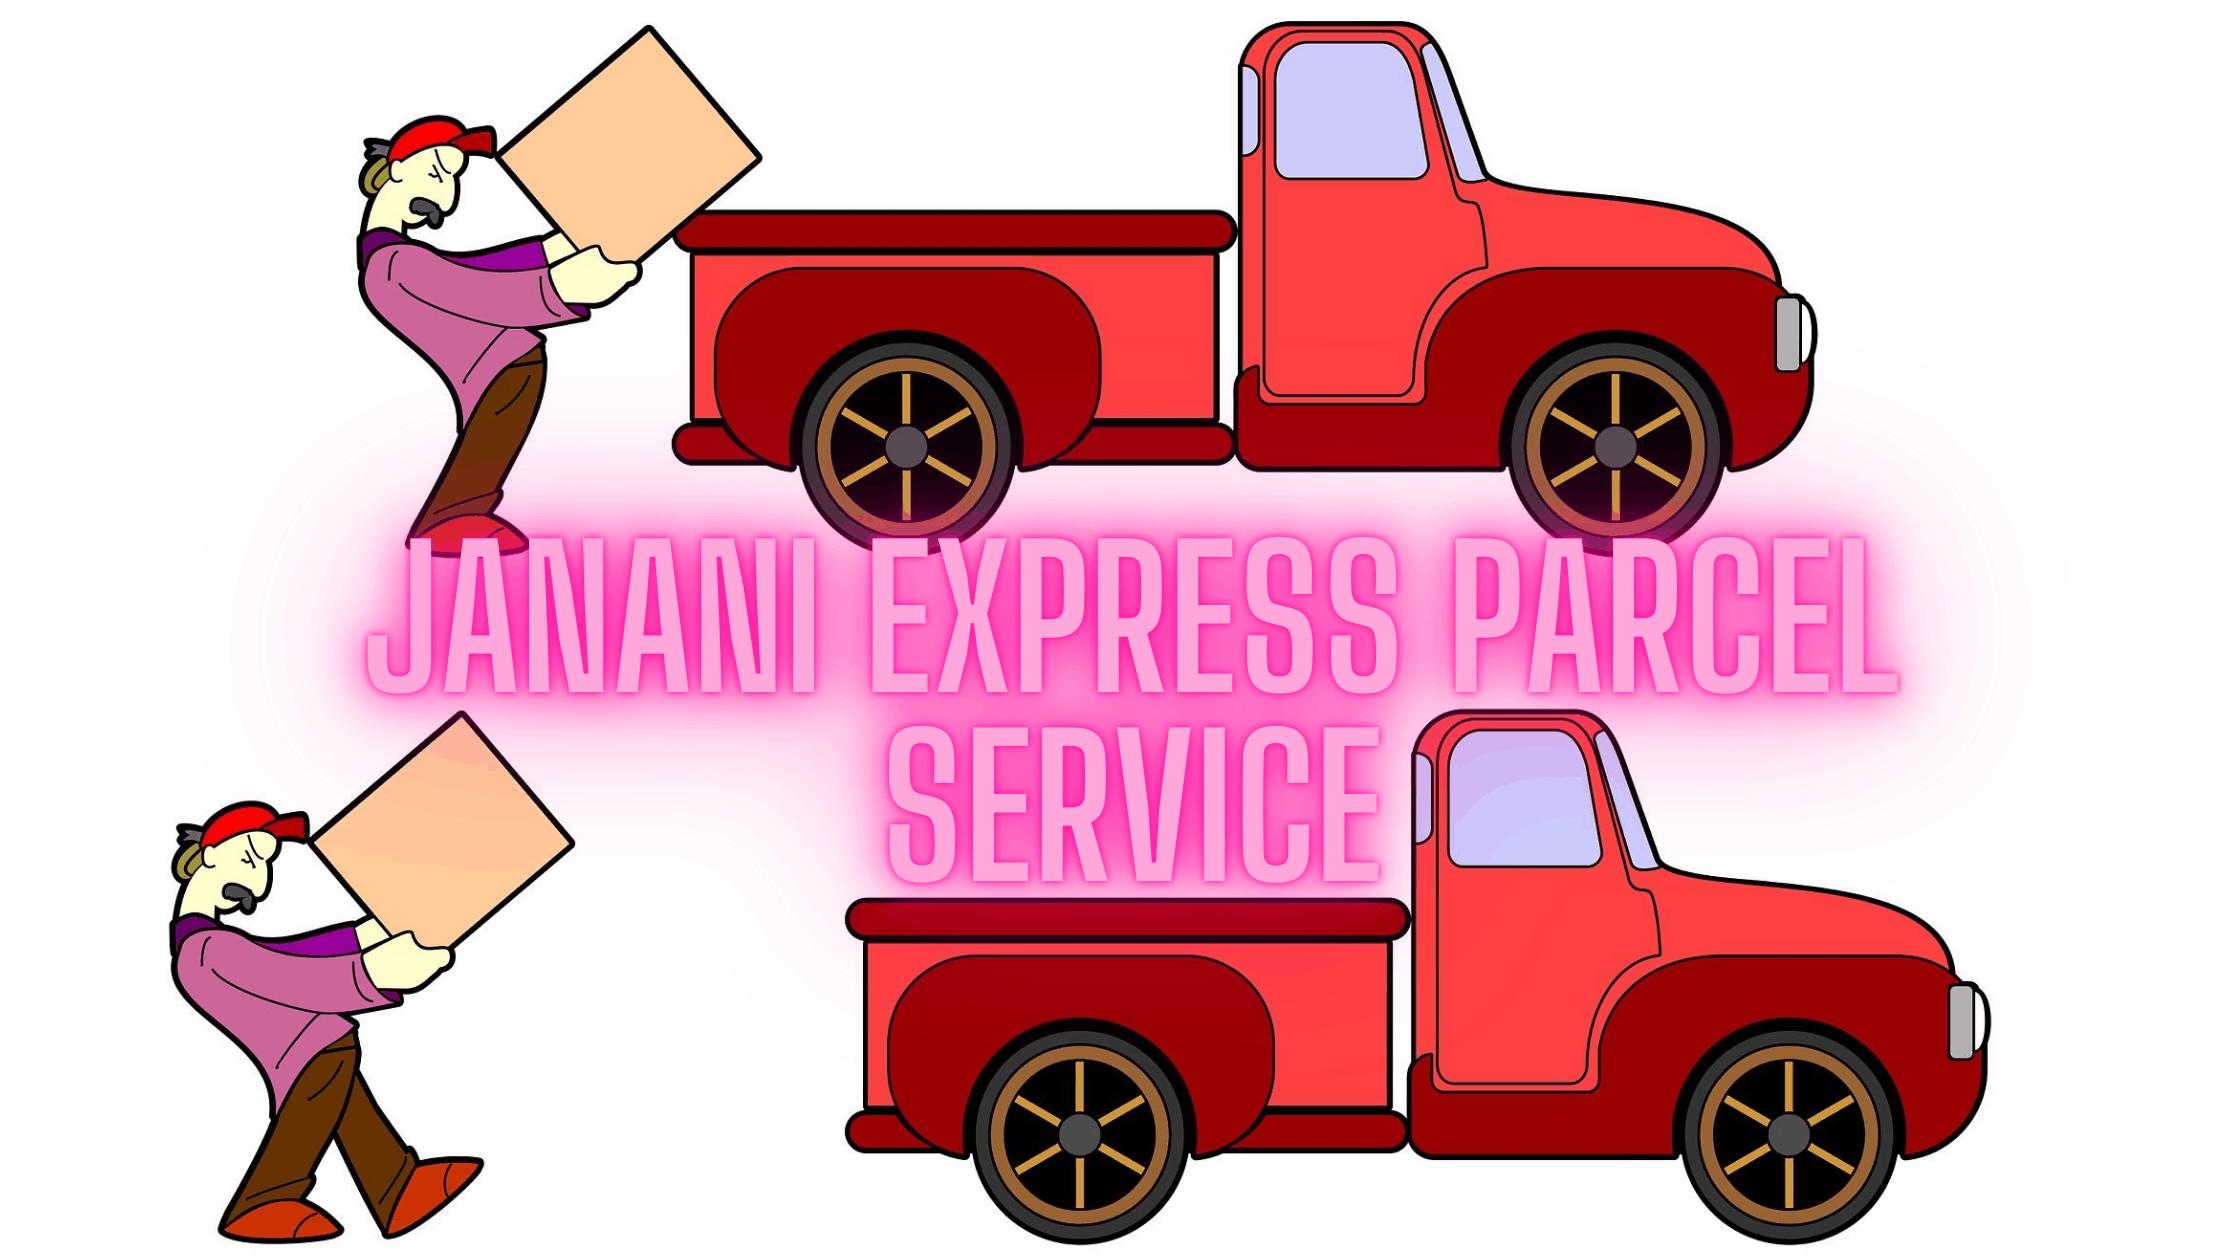 JANANI EXPRESS PARCEL SERVICE1